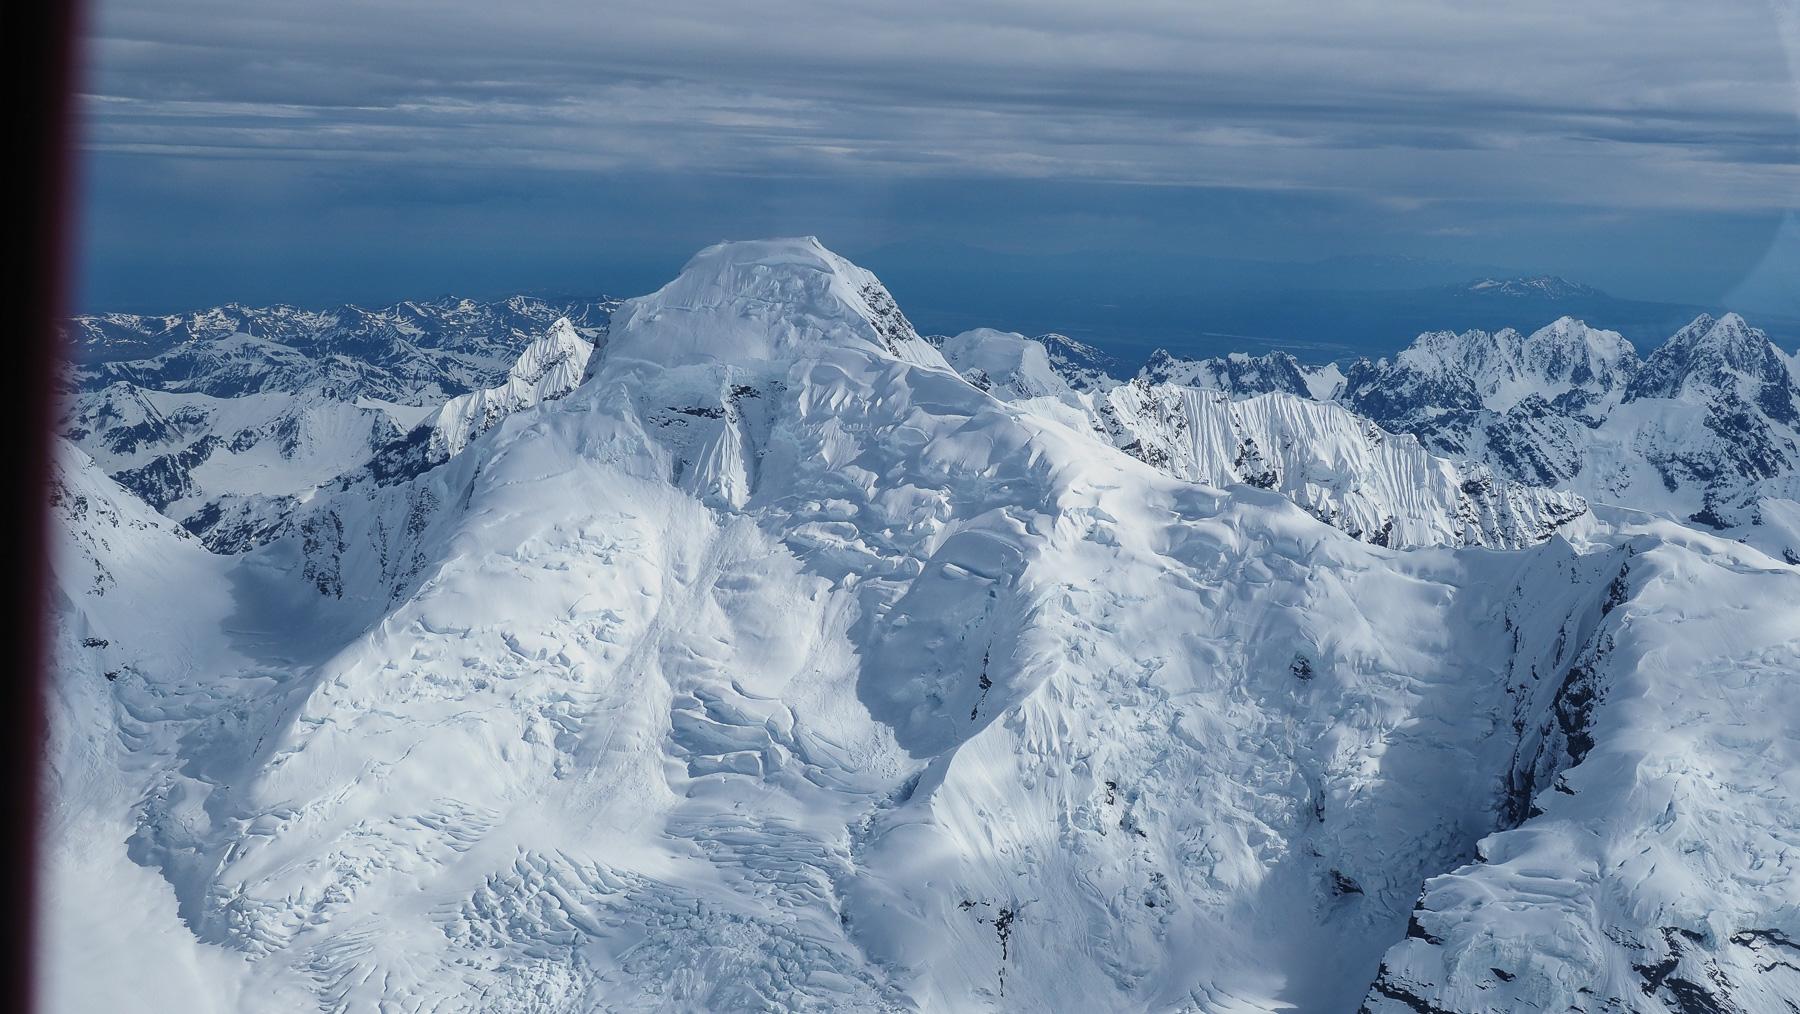 gewaltige Schnee- und Eismengen